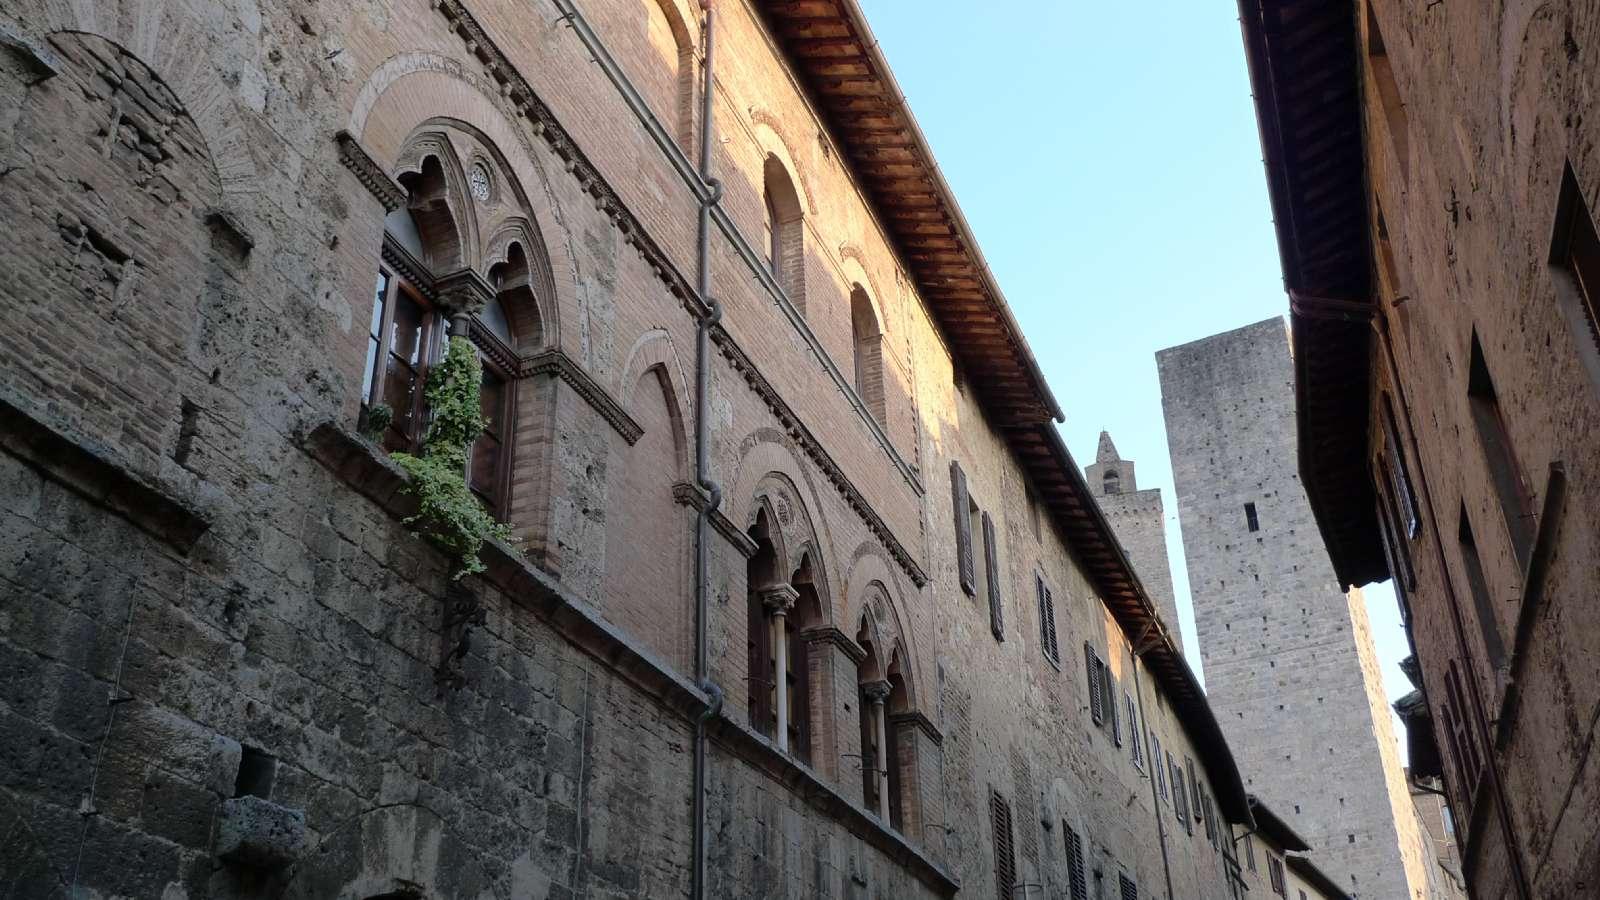 Medeltiden är presenterad överallt i San Gimignano